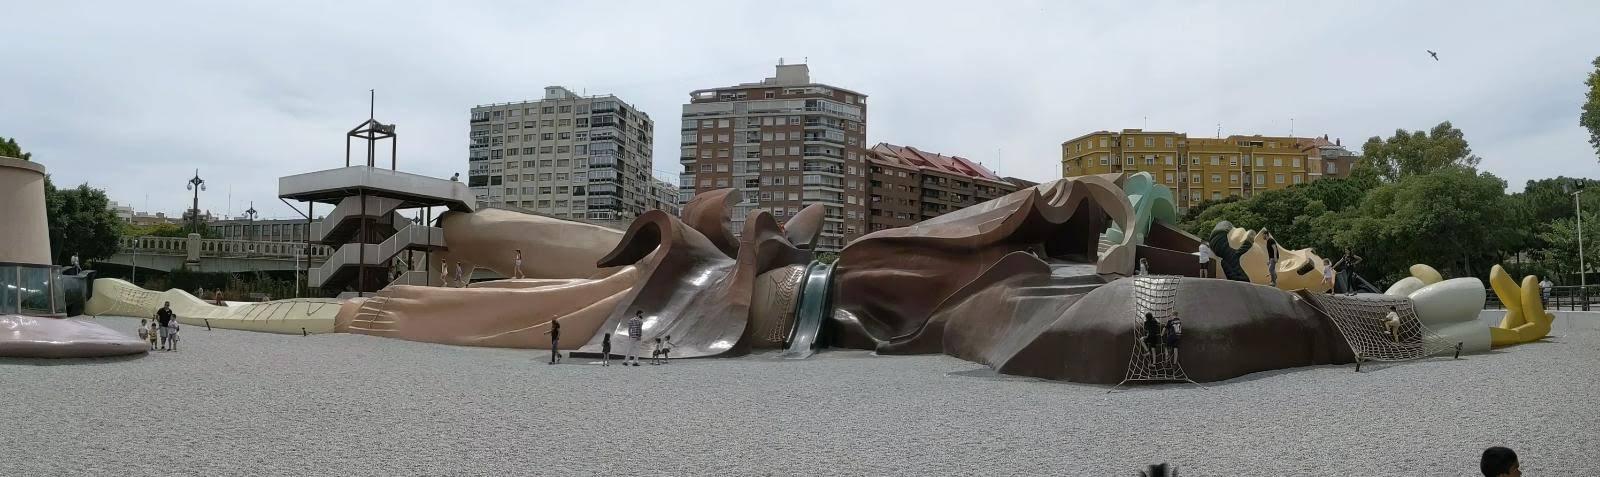 Valencia-bambini9